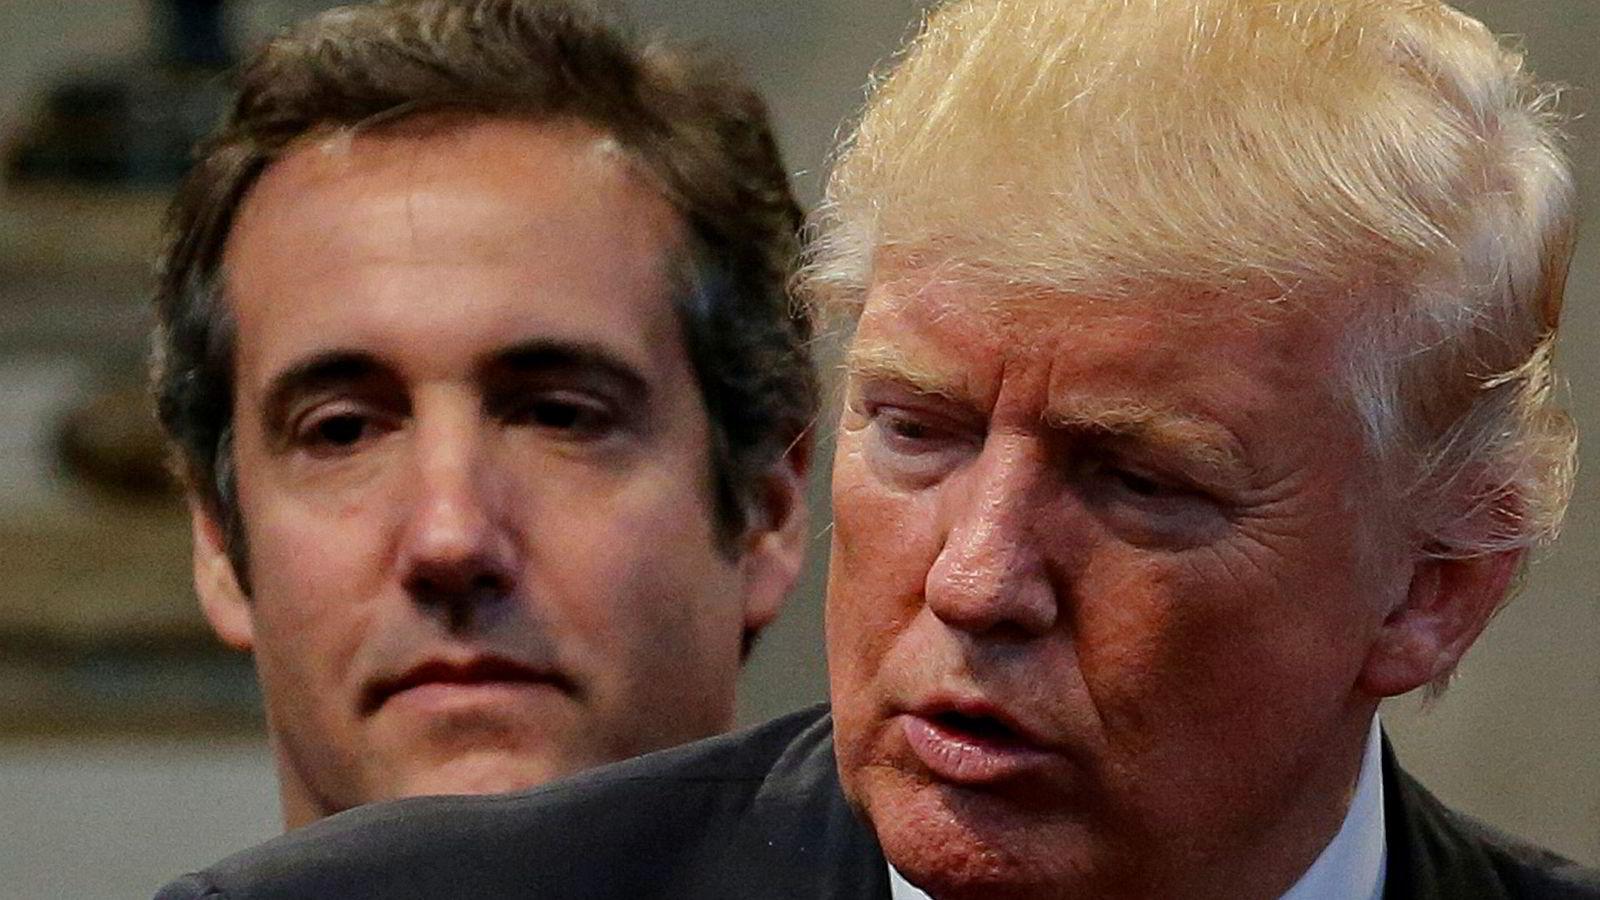 President Donald Trump har ikke lenger noe godt å si om sin tidligere advokat Michael Cohen.